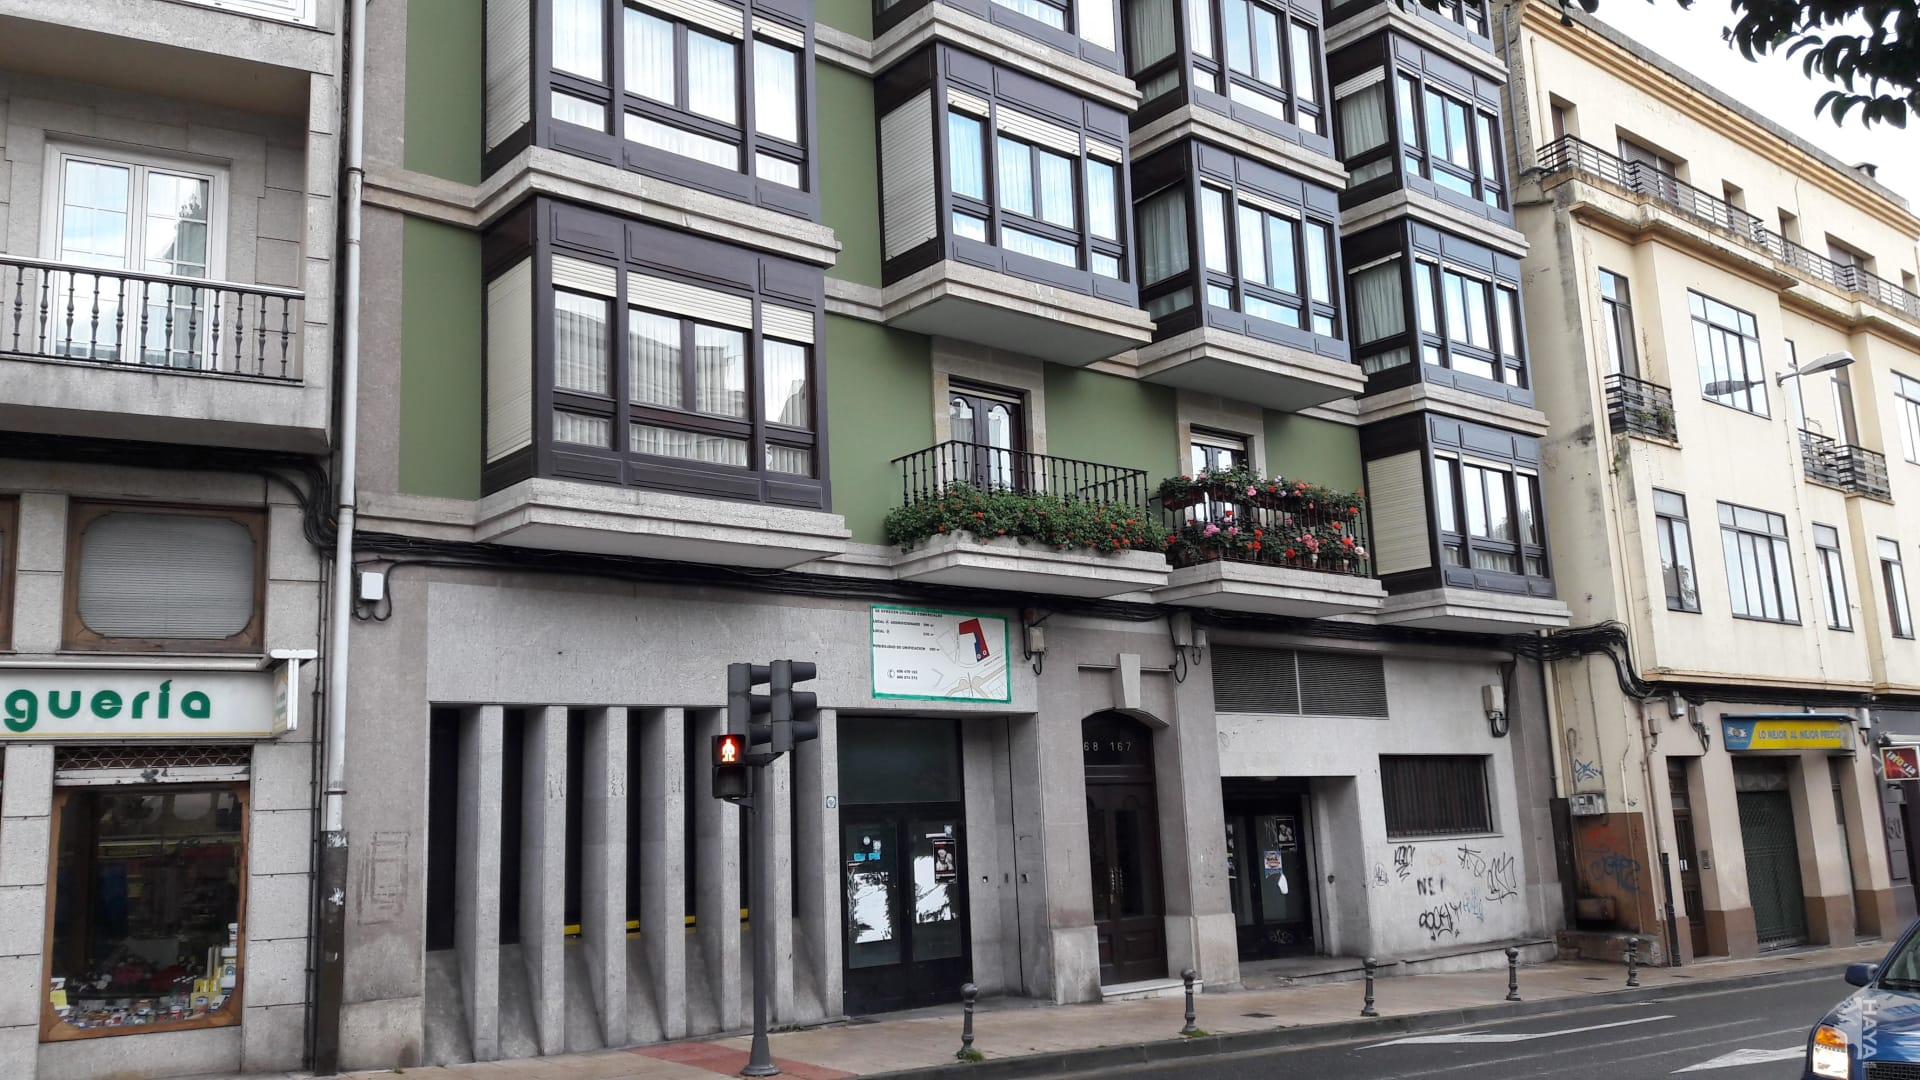 Local en venta en Lugo, Lugo, Calle Ronda Muralla (da), 275.400 €, 829 m2